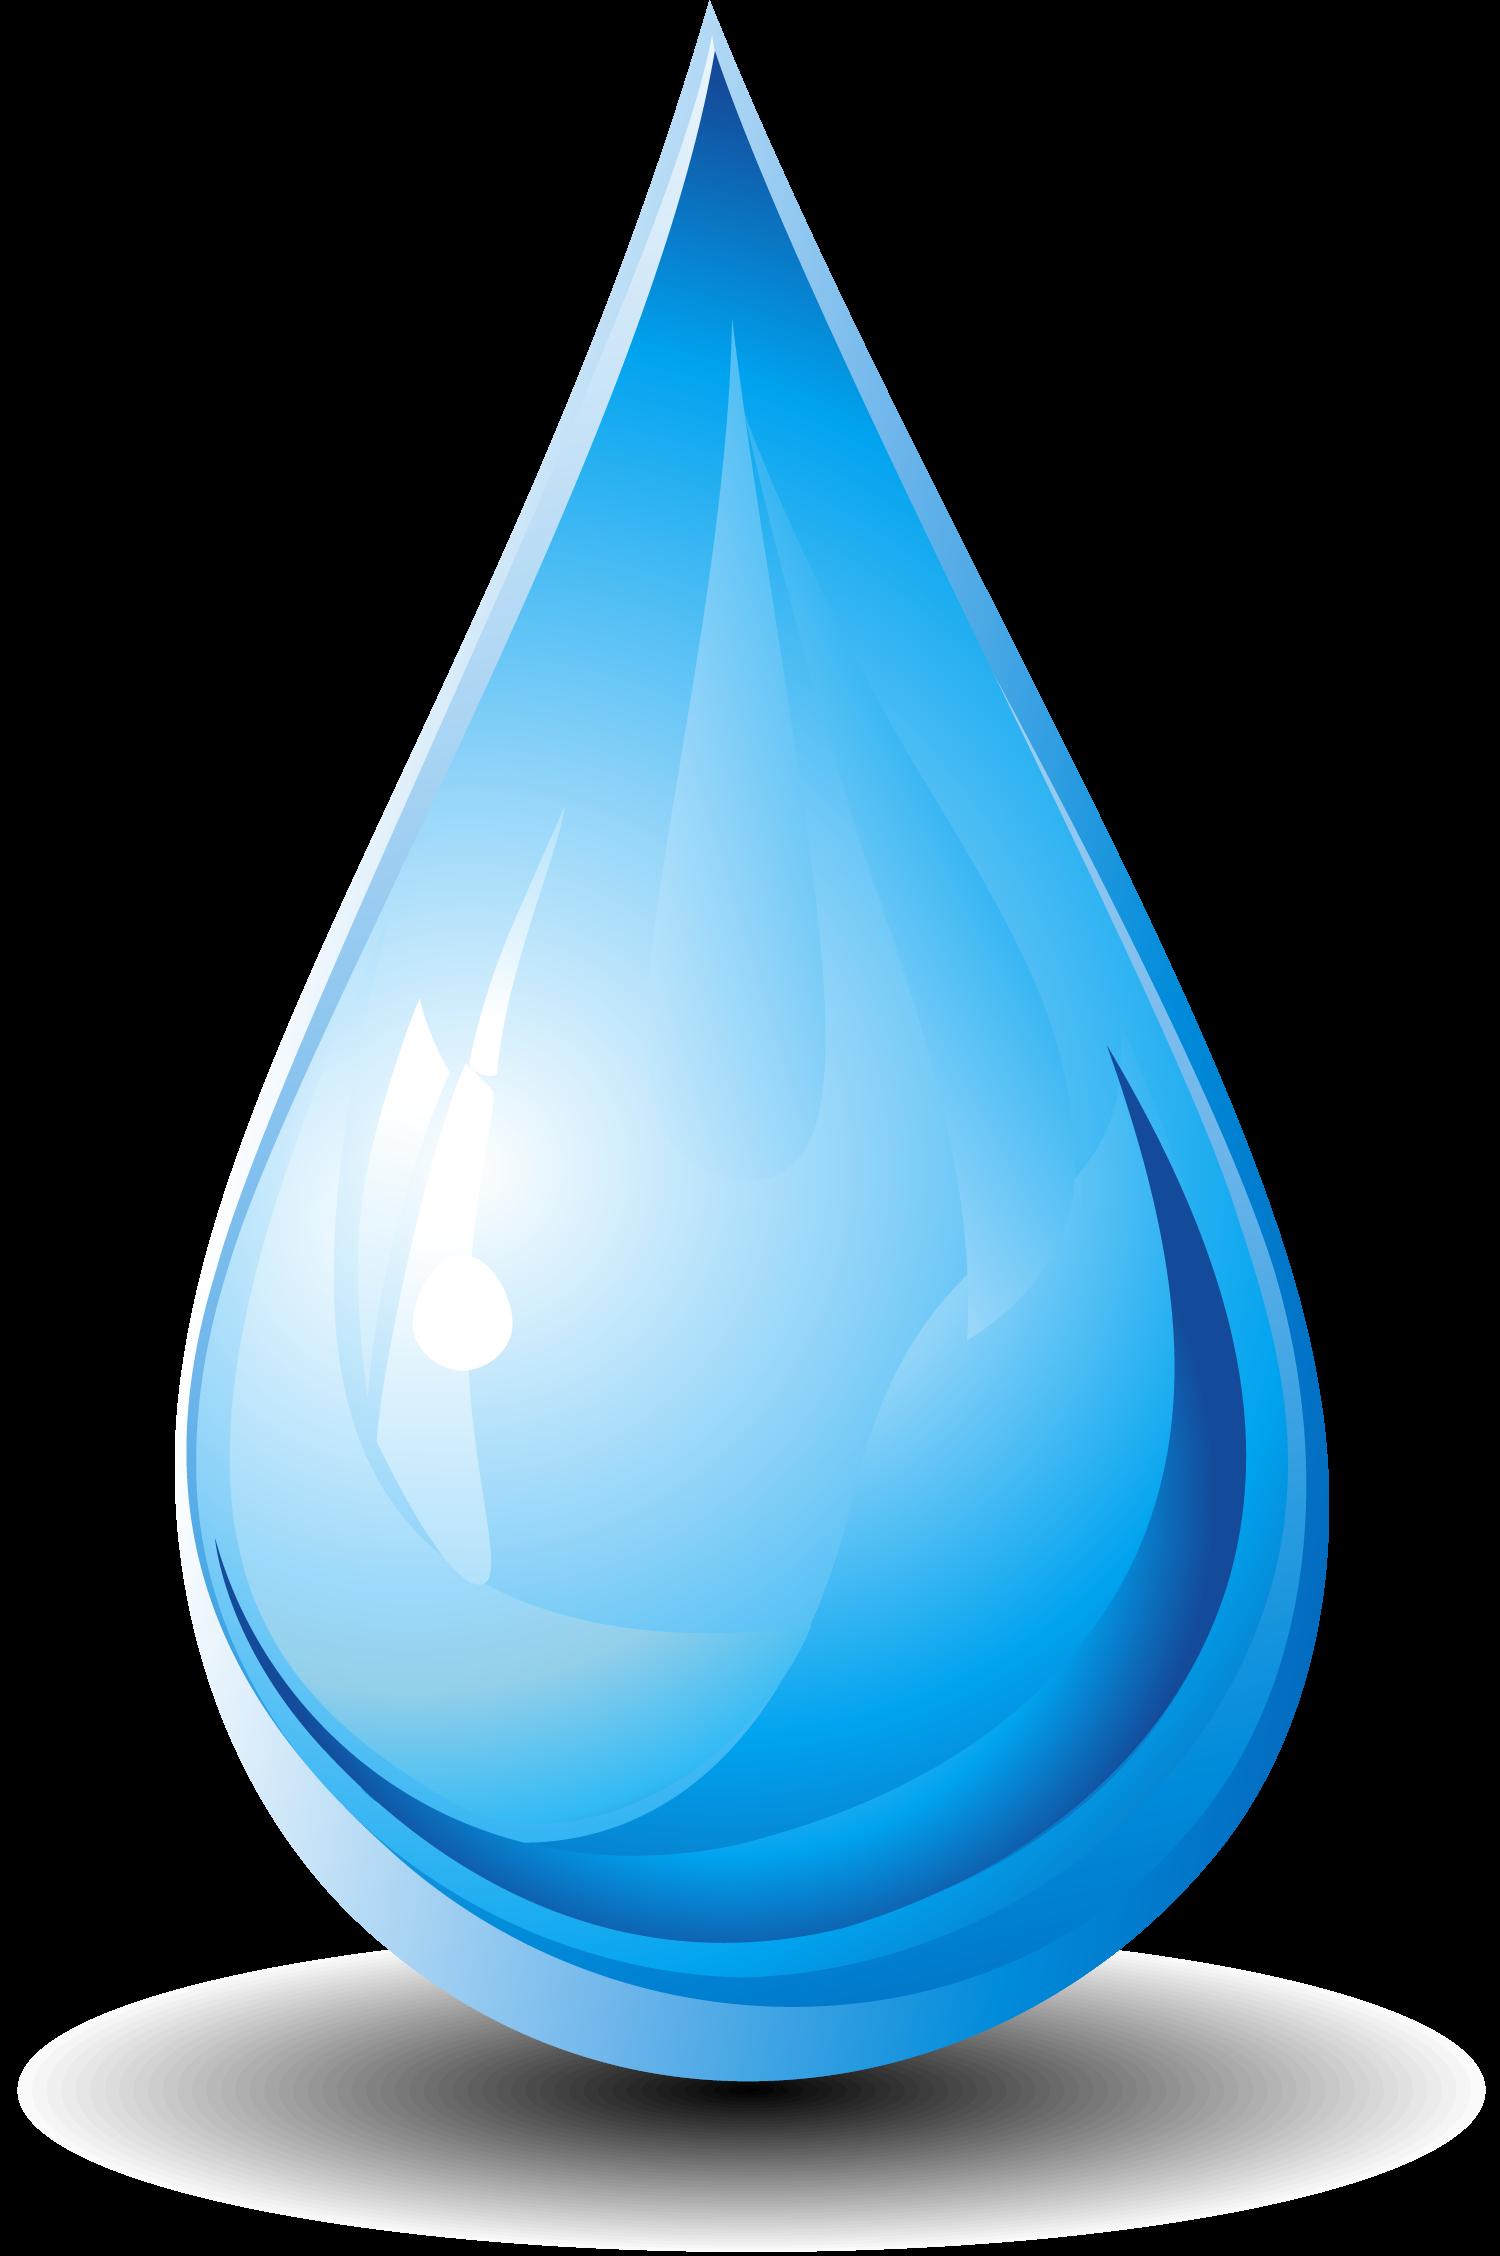 Download Vector Of Drop Water-Drop Water Free Download ...